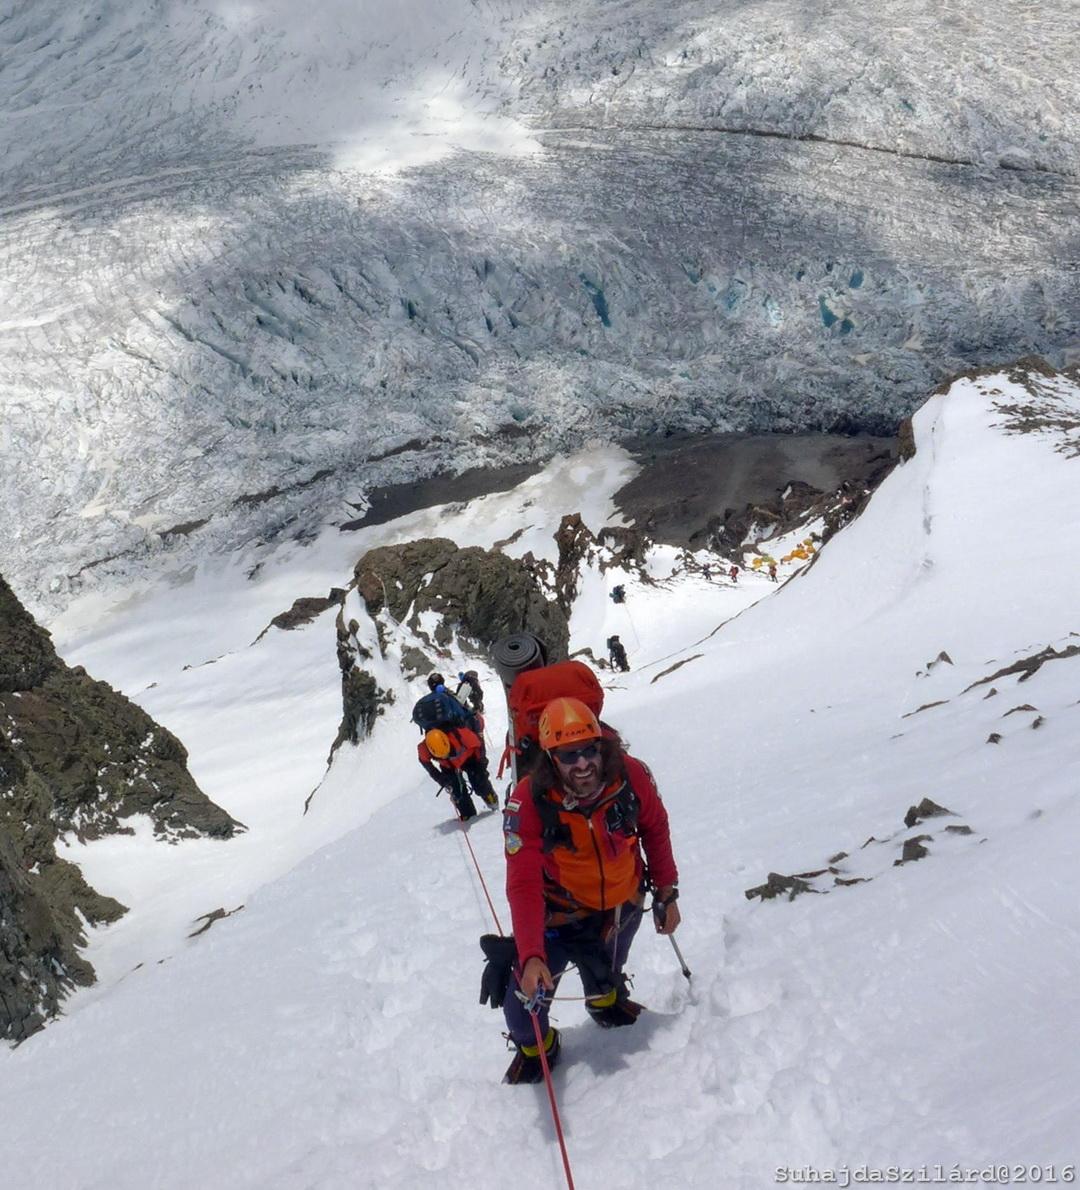 Az 1-es tábor felett Forrás: Johnnie Walker K2 expedíció/Suhajda Szilárd